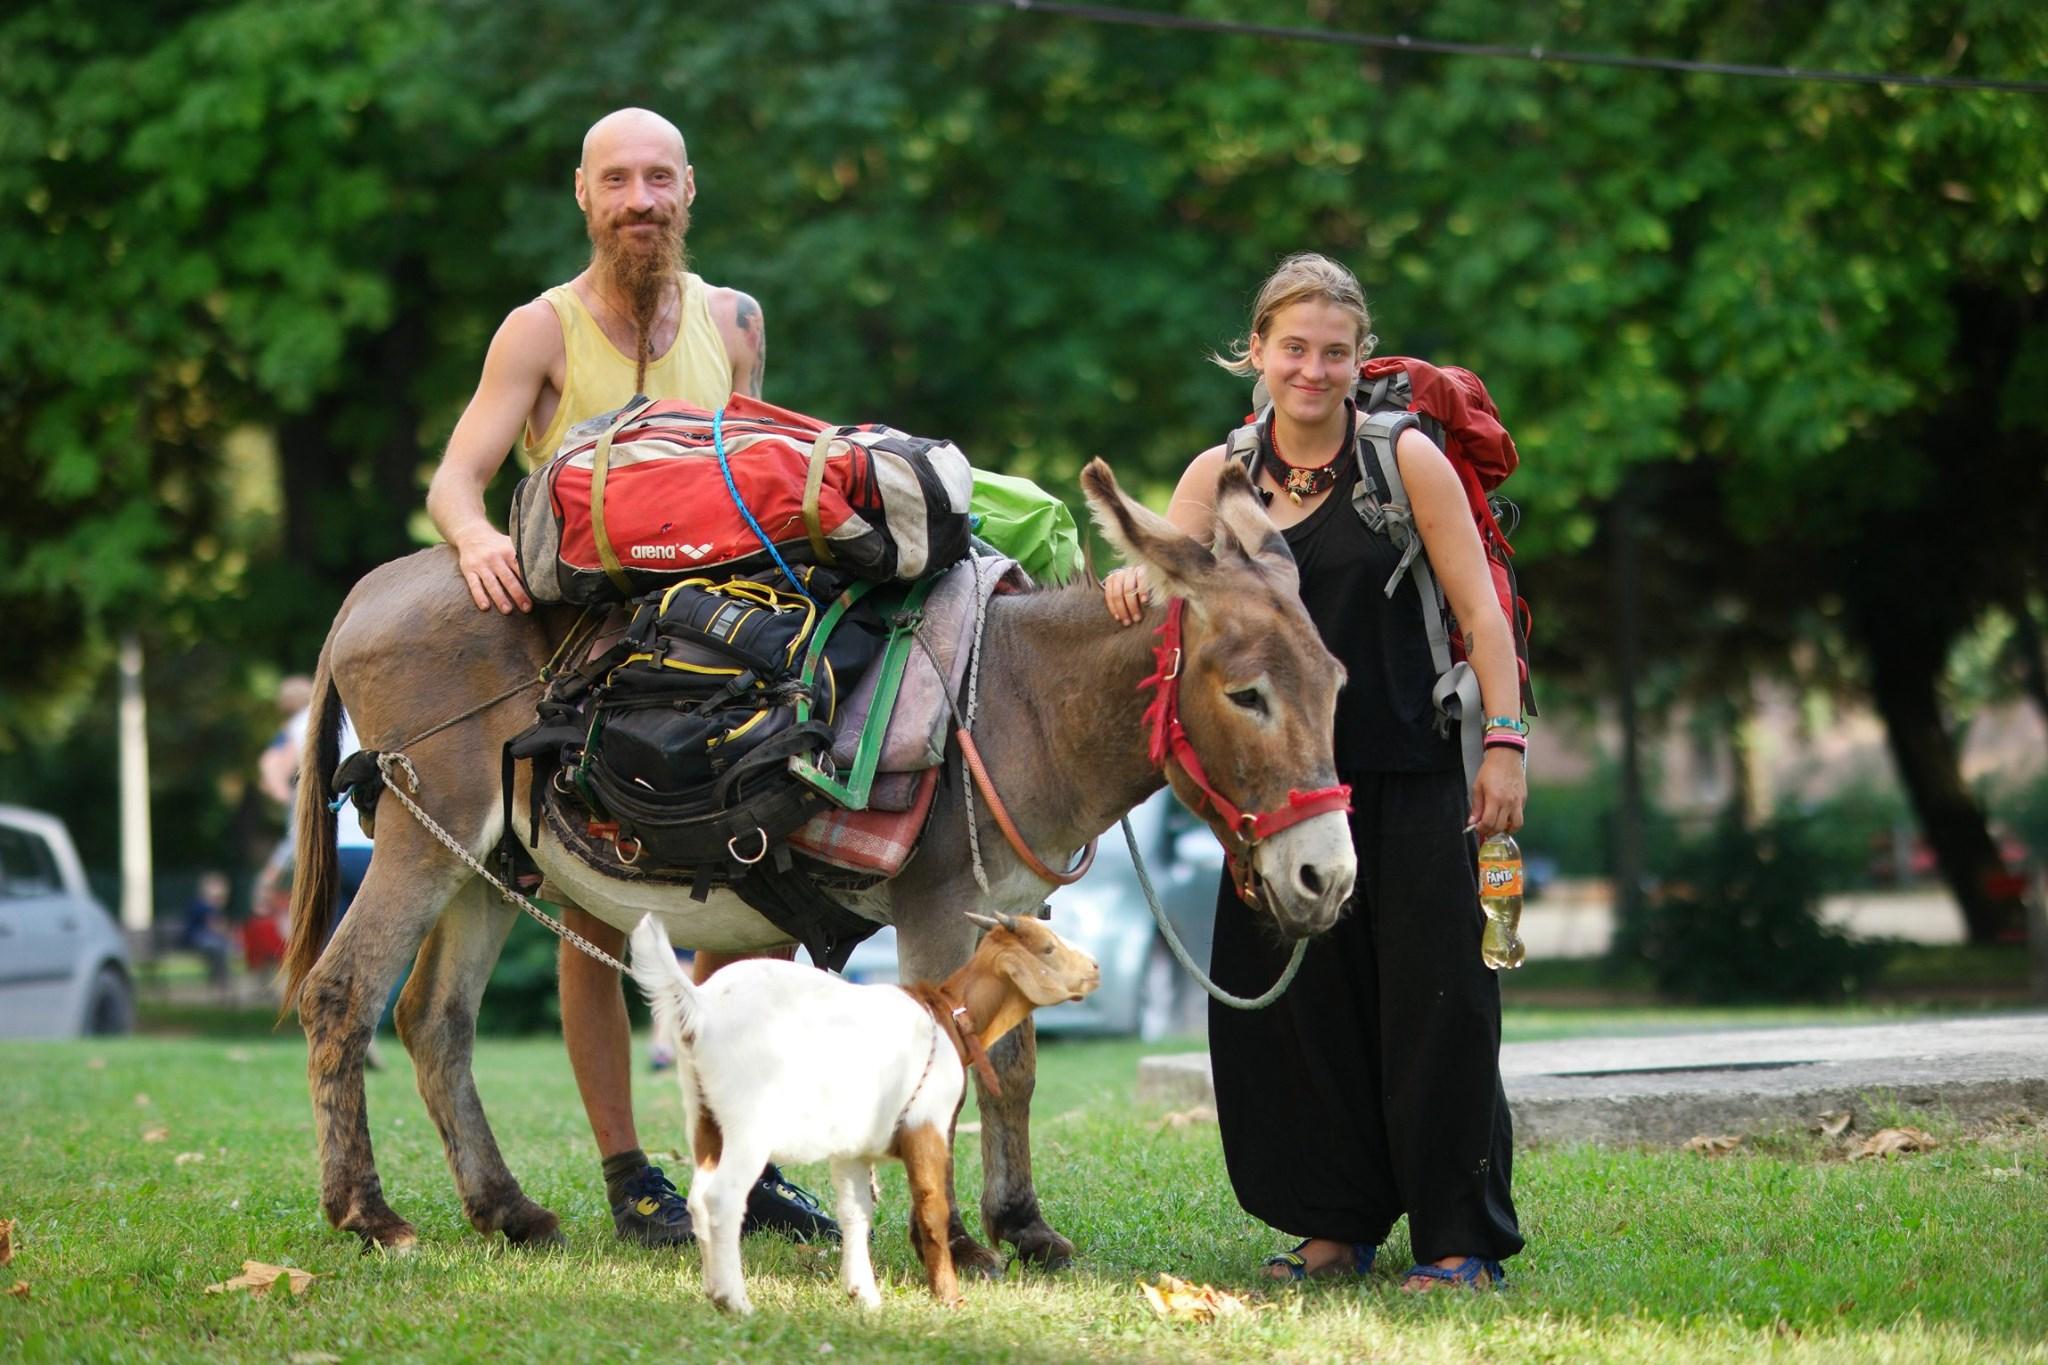 Pilgrim and donkey